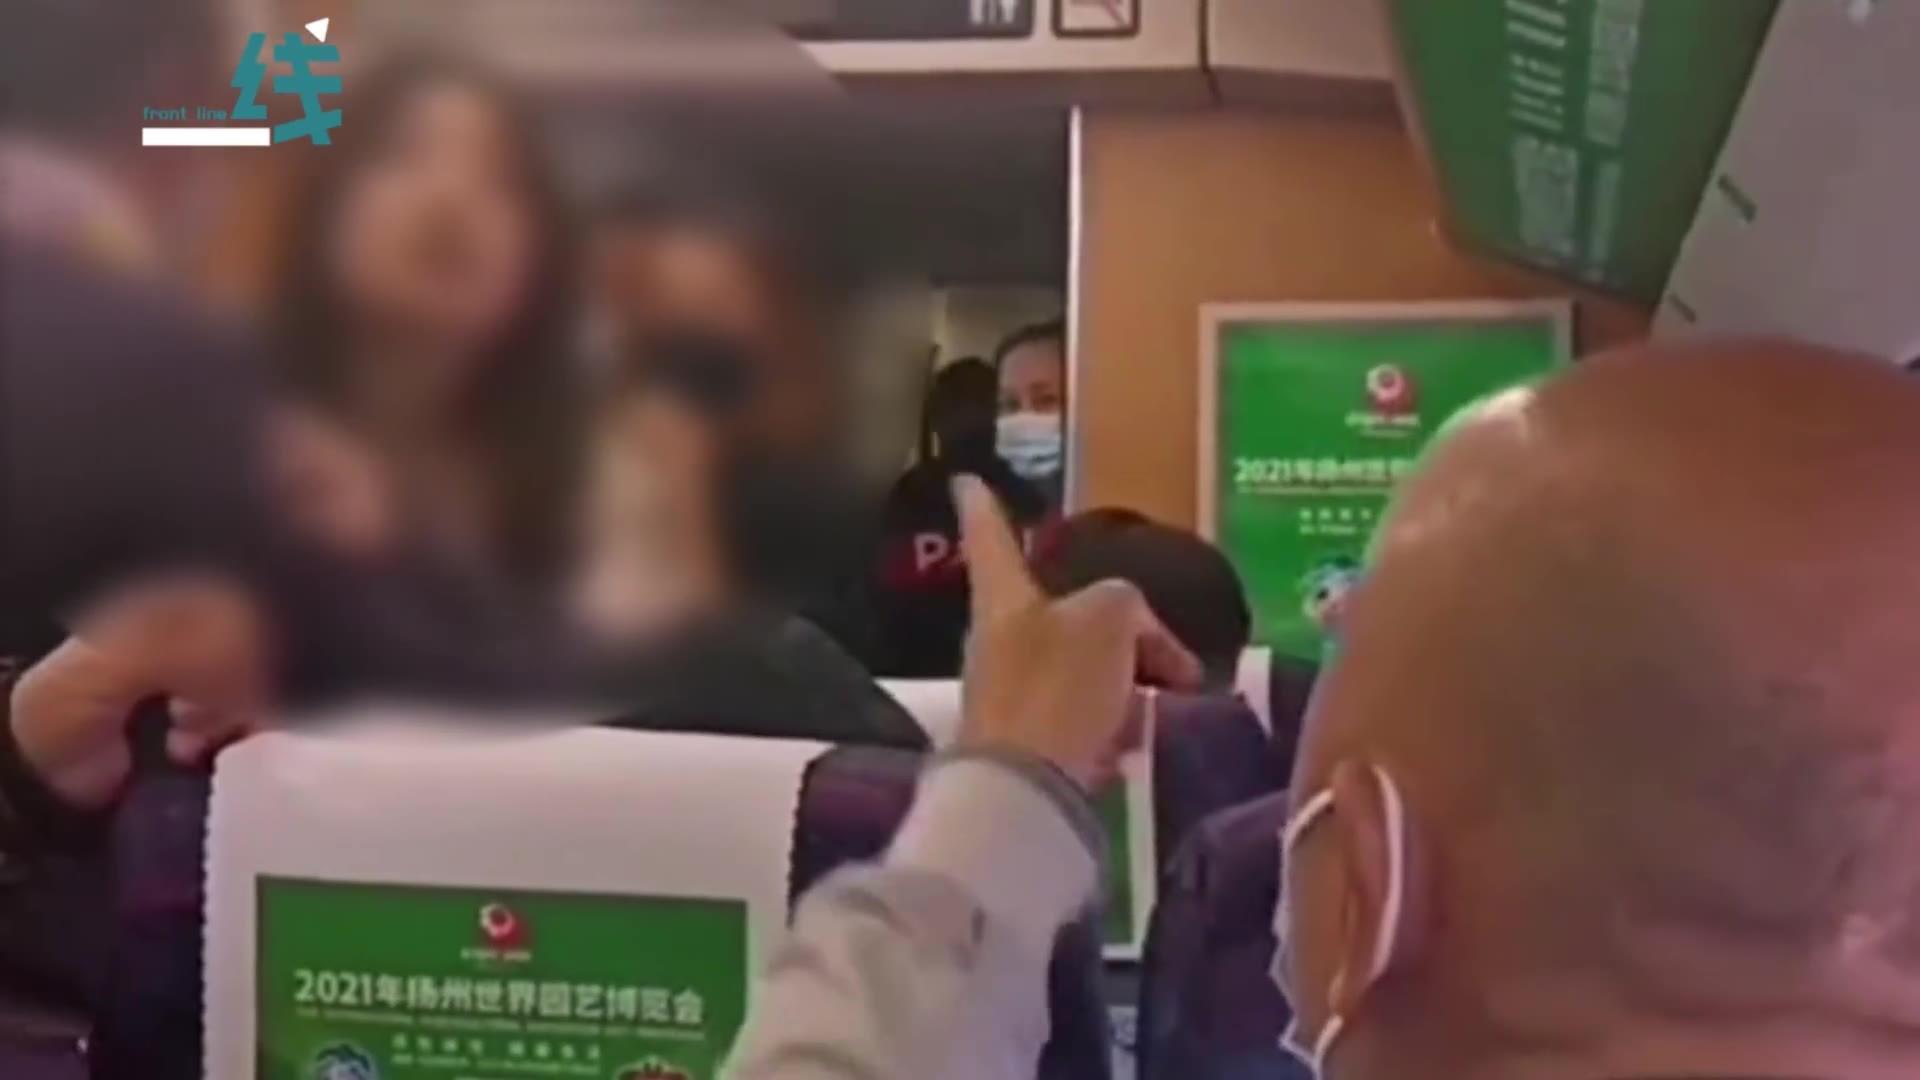 风筝拦停高铁乘务员解释被男子说哭 热心女孩安慰也遭怼:装好人!